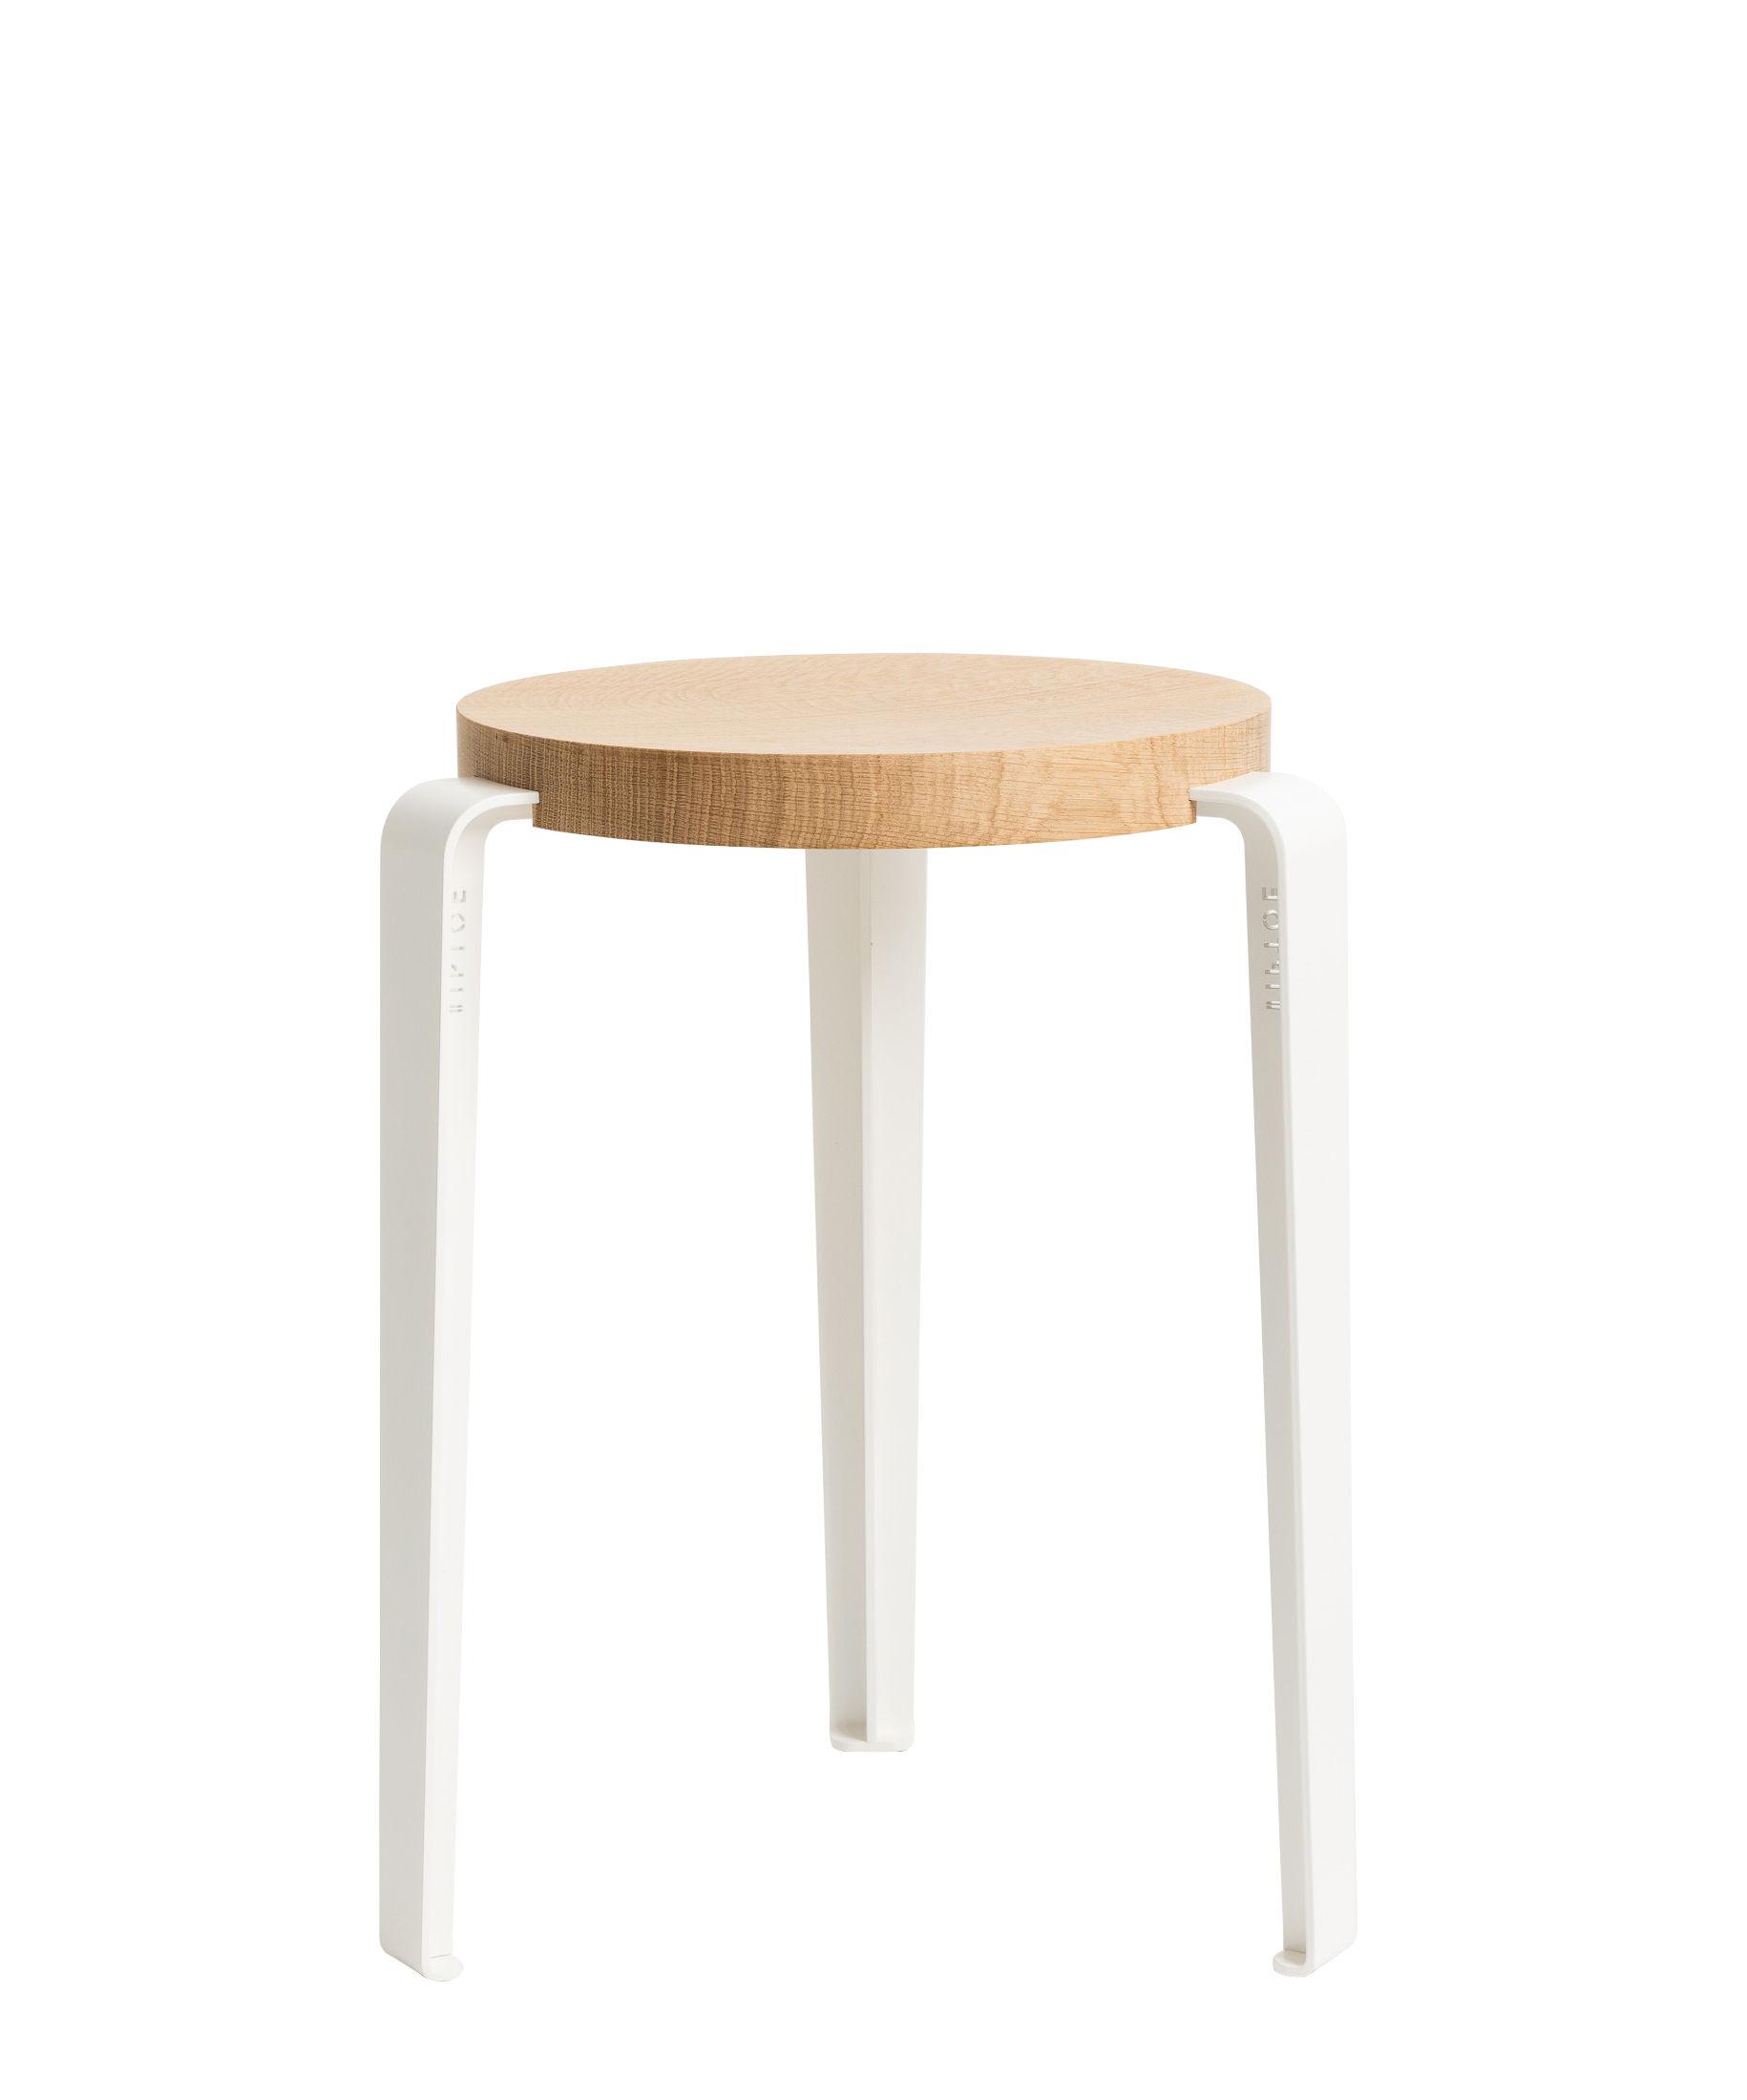 Furniture - Stools - Lou Stackable stool - / H 45 cm - Steel & oak by TipToe - Cloud white / Oak - Powder coated steel, Solid oak